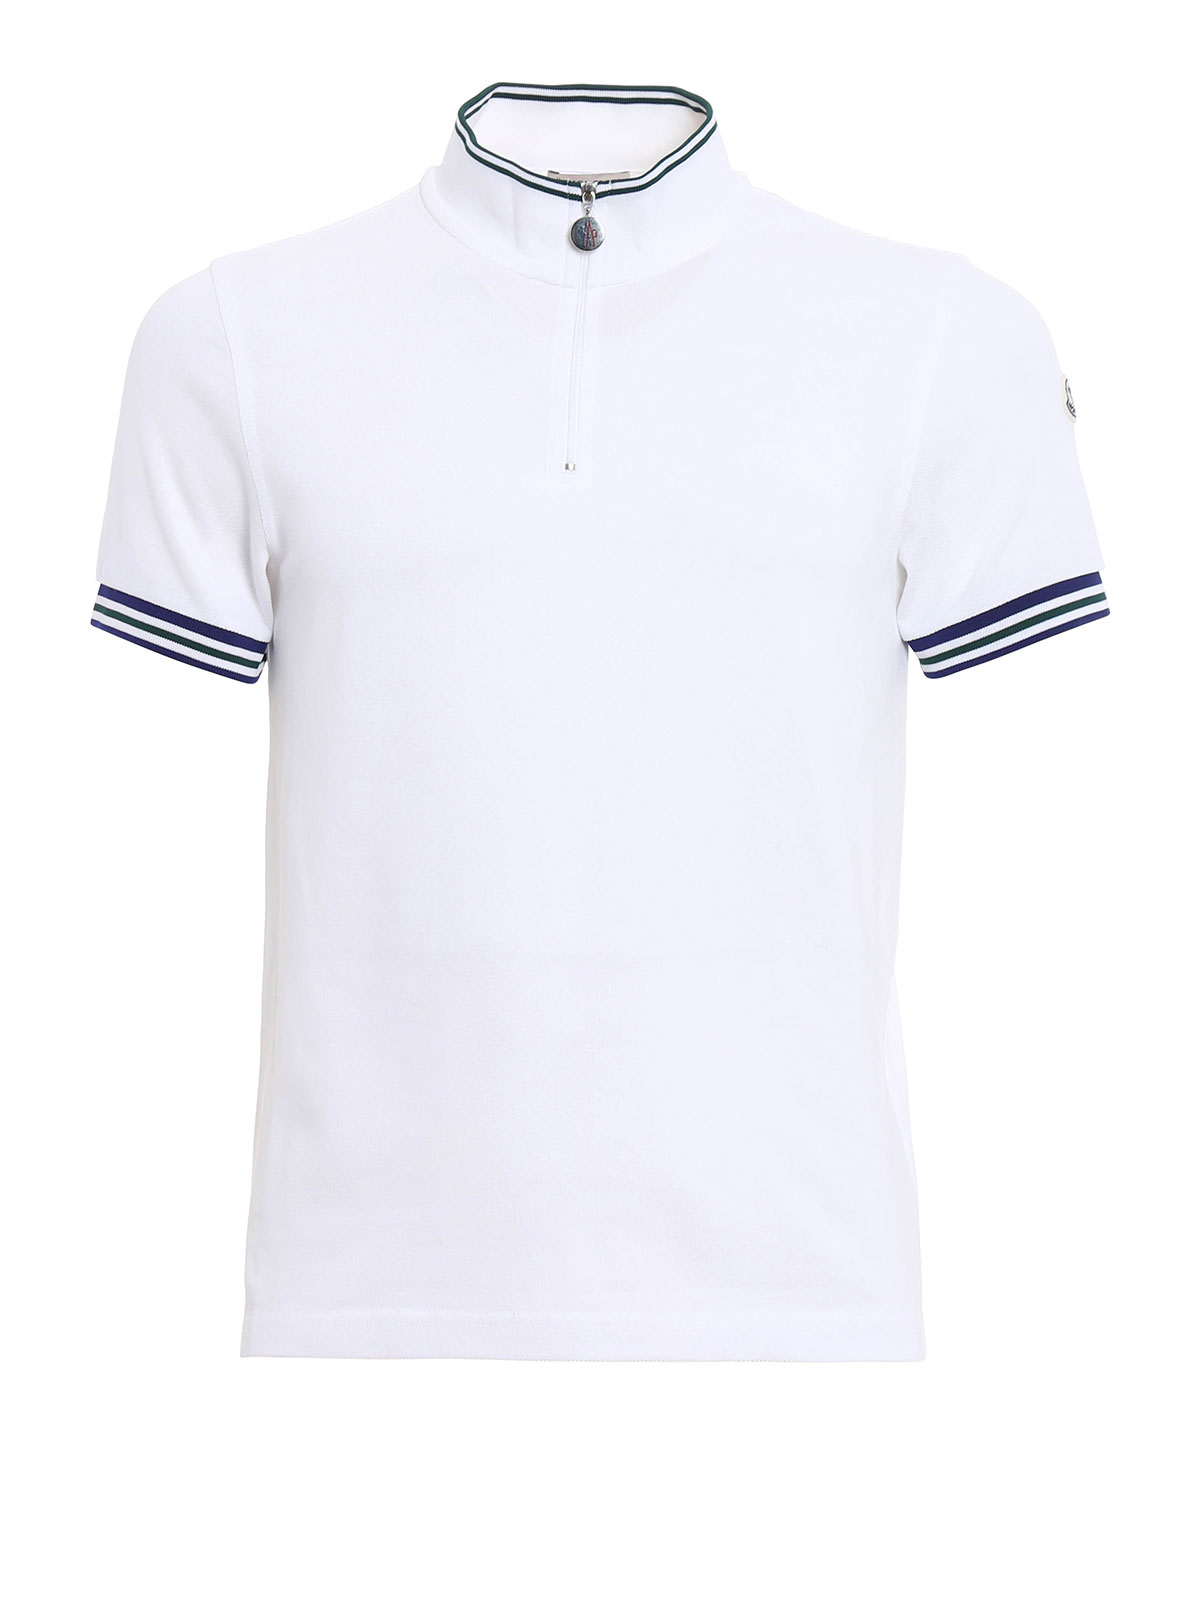 Zipped Cotton Pique Polo Shirt By Moncler Polo Shirts